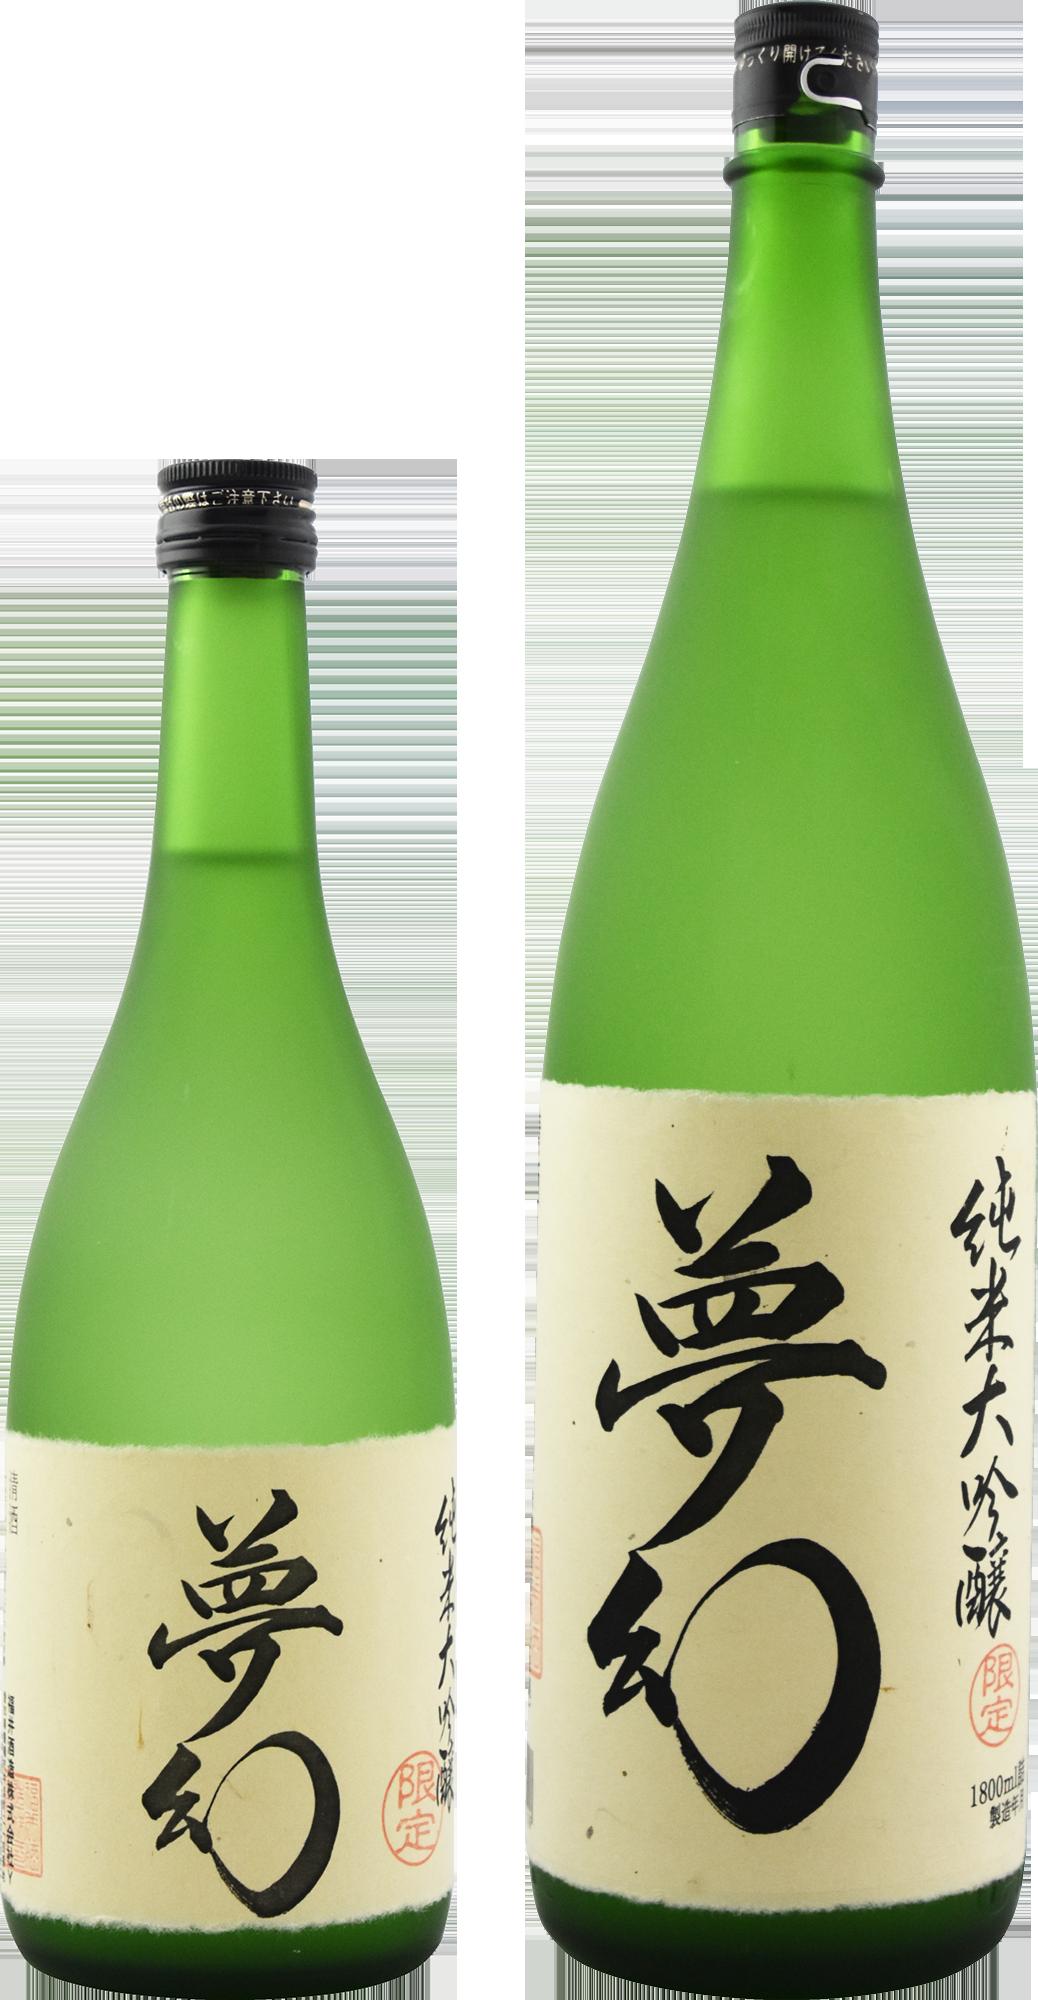 Mugen Shikaio